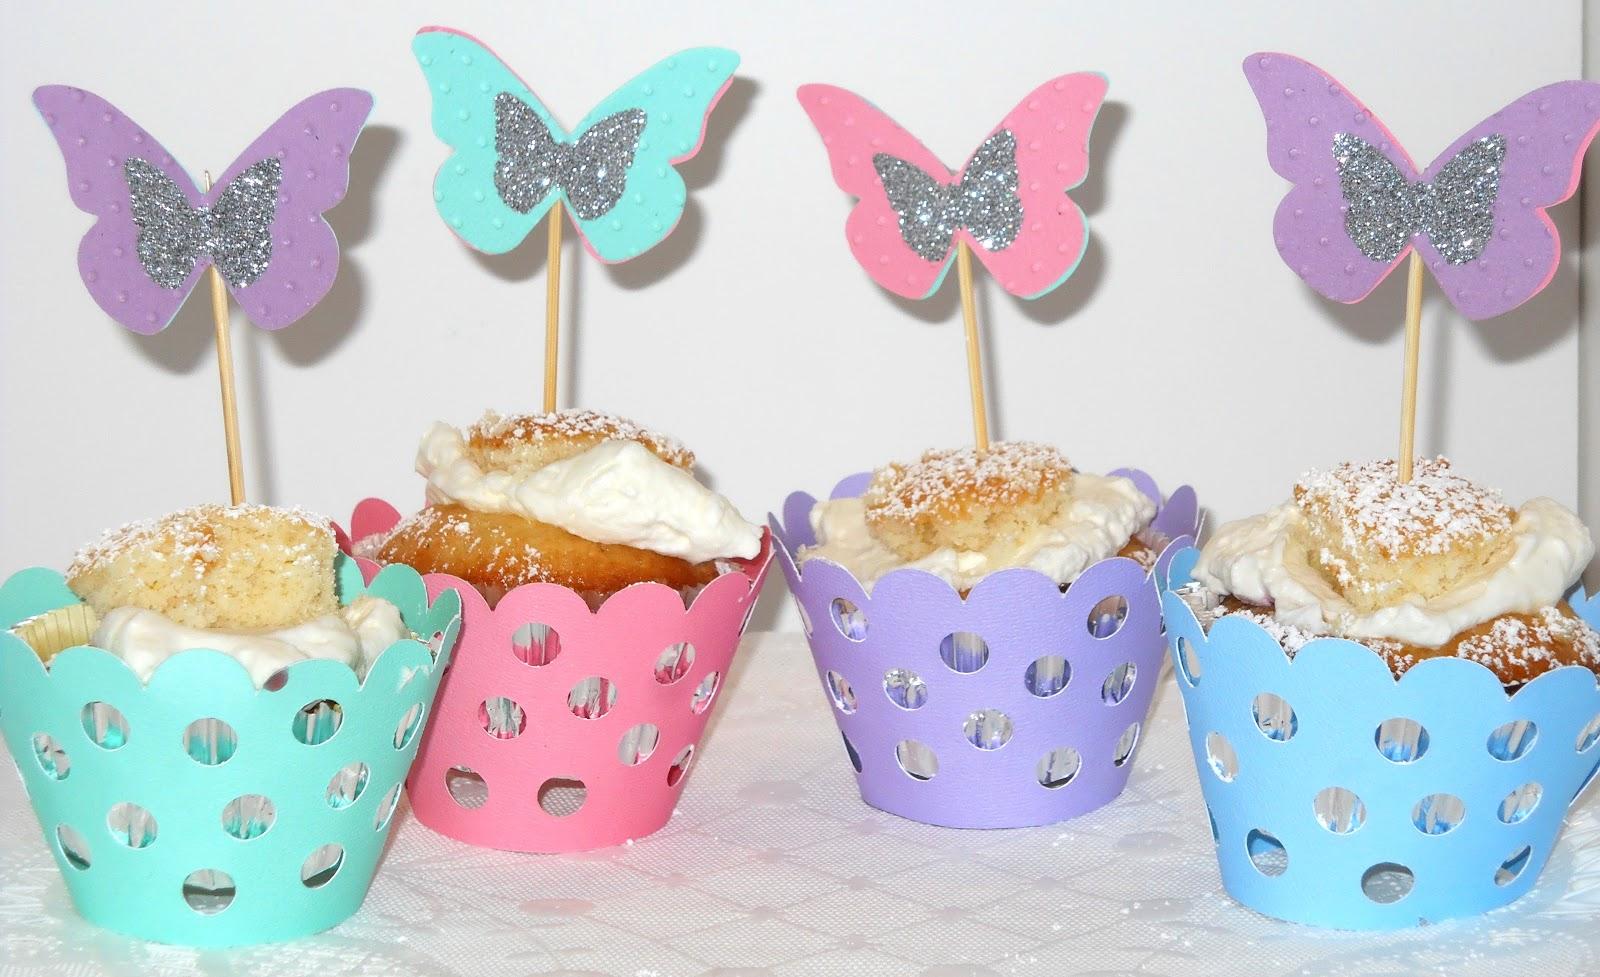 Decoracion para un cumplea os de mariposas 24 - Decorar para un cumpleanos ...